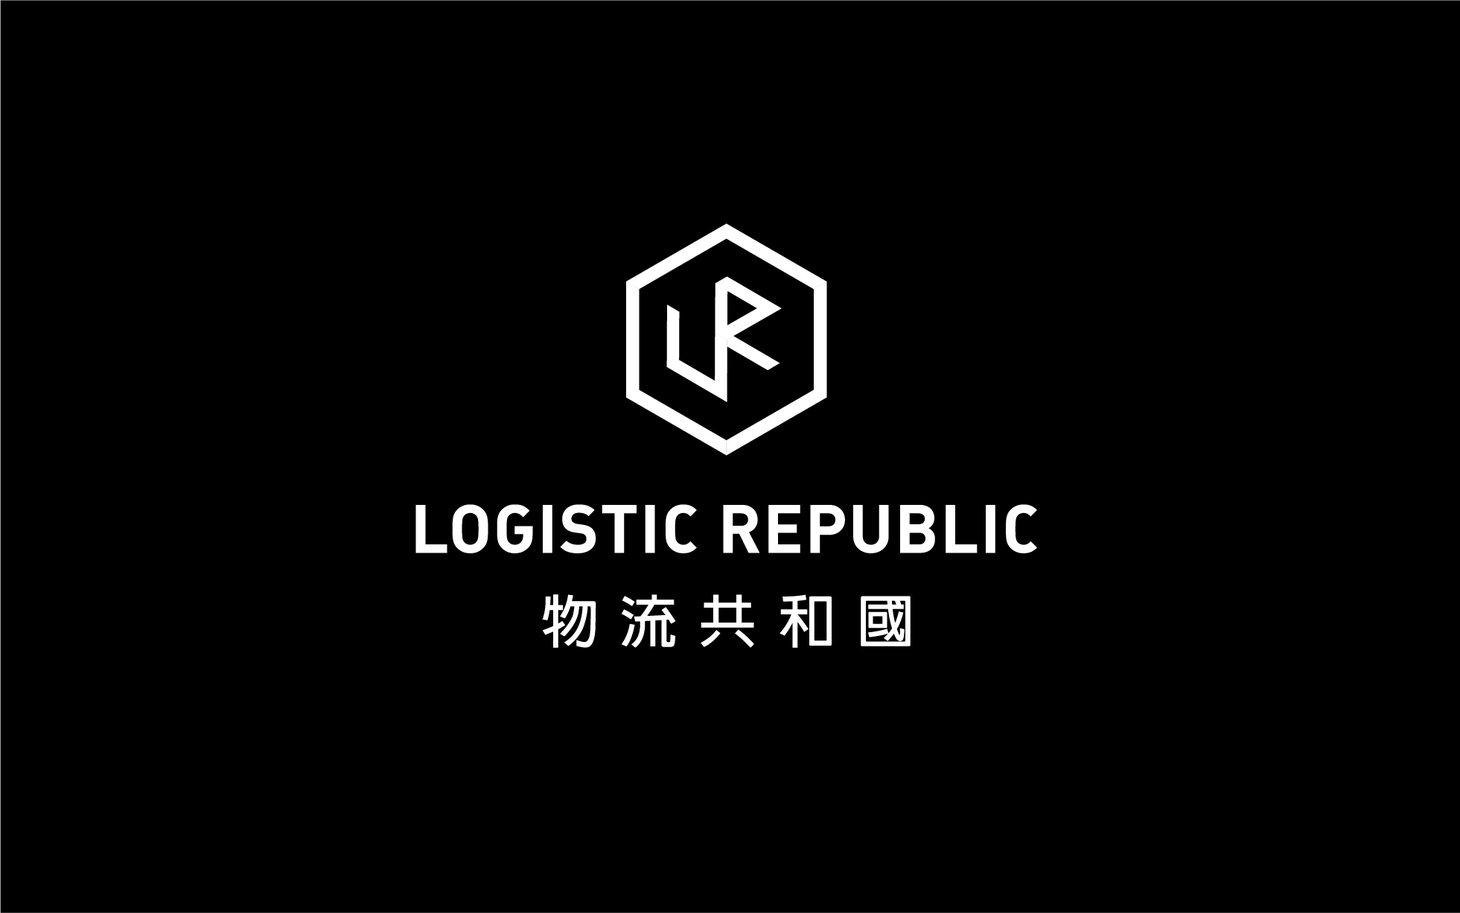 LogisticRepublic_Logo_01.jpg